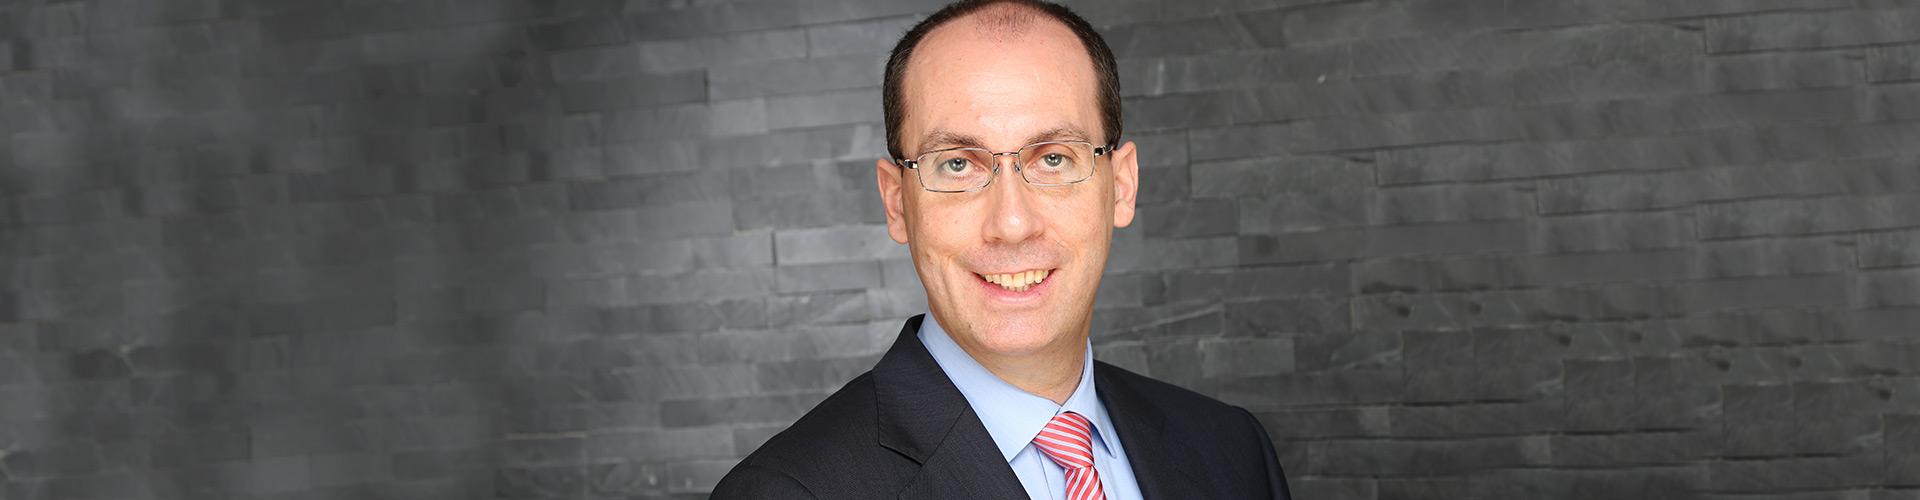 Ihr Rechtsanwalt In Köln Porz Torsten Weißenborn Rechtsanwalt